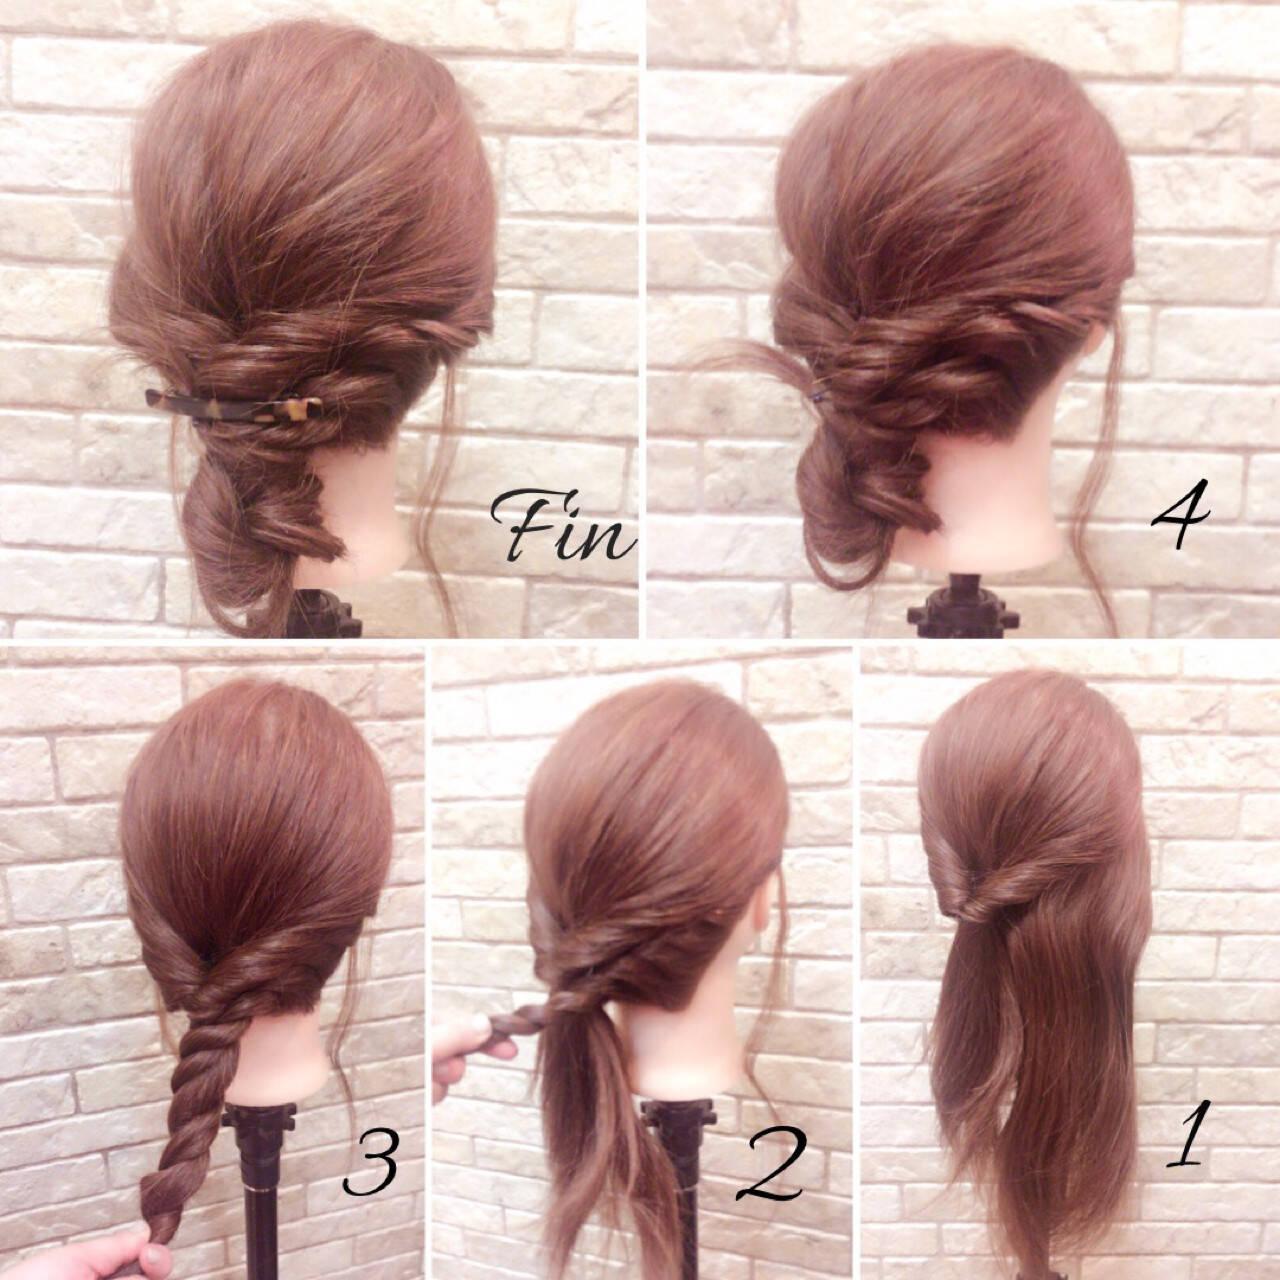 ナチュラル 簡単ヘアアレンジ 大人女子 ミディアムヘアスタイルや髪型の写真・画像